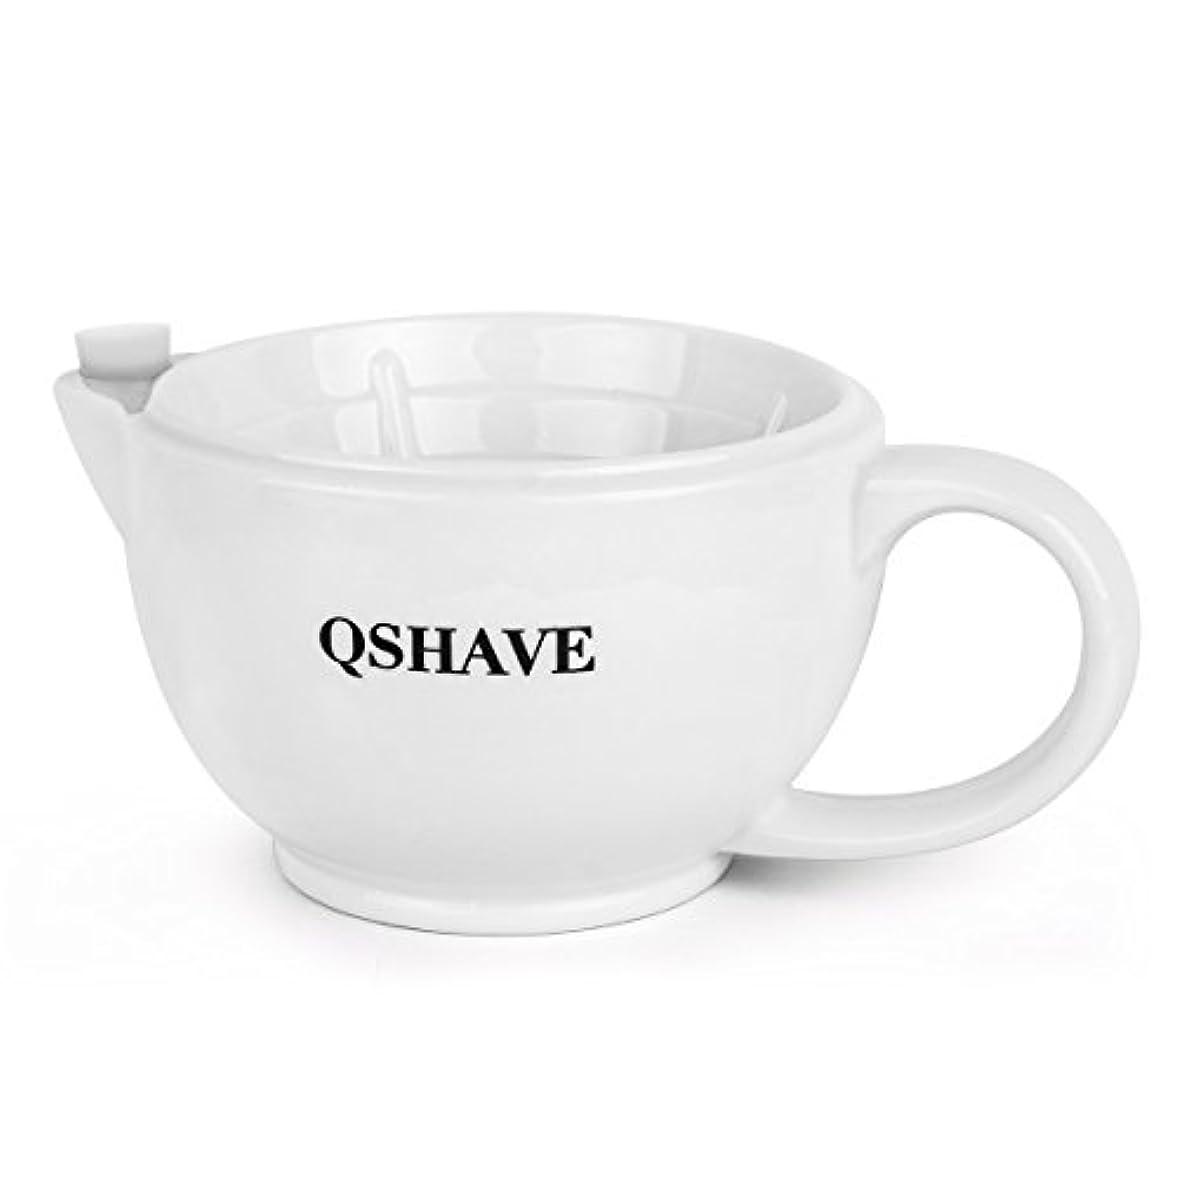 重さ論争の的ハリケーンQSHAVE シェービングシャトルのマグカップ - 常に泡を保つ - 手作りの陶器のカップ 白